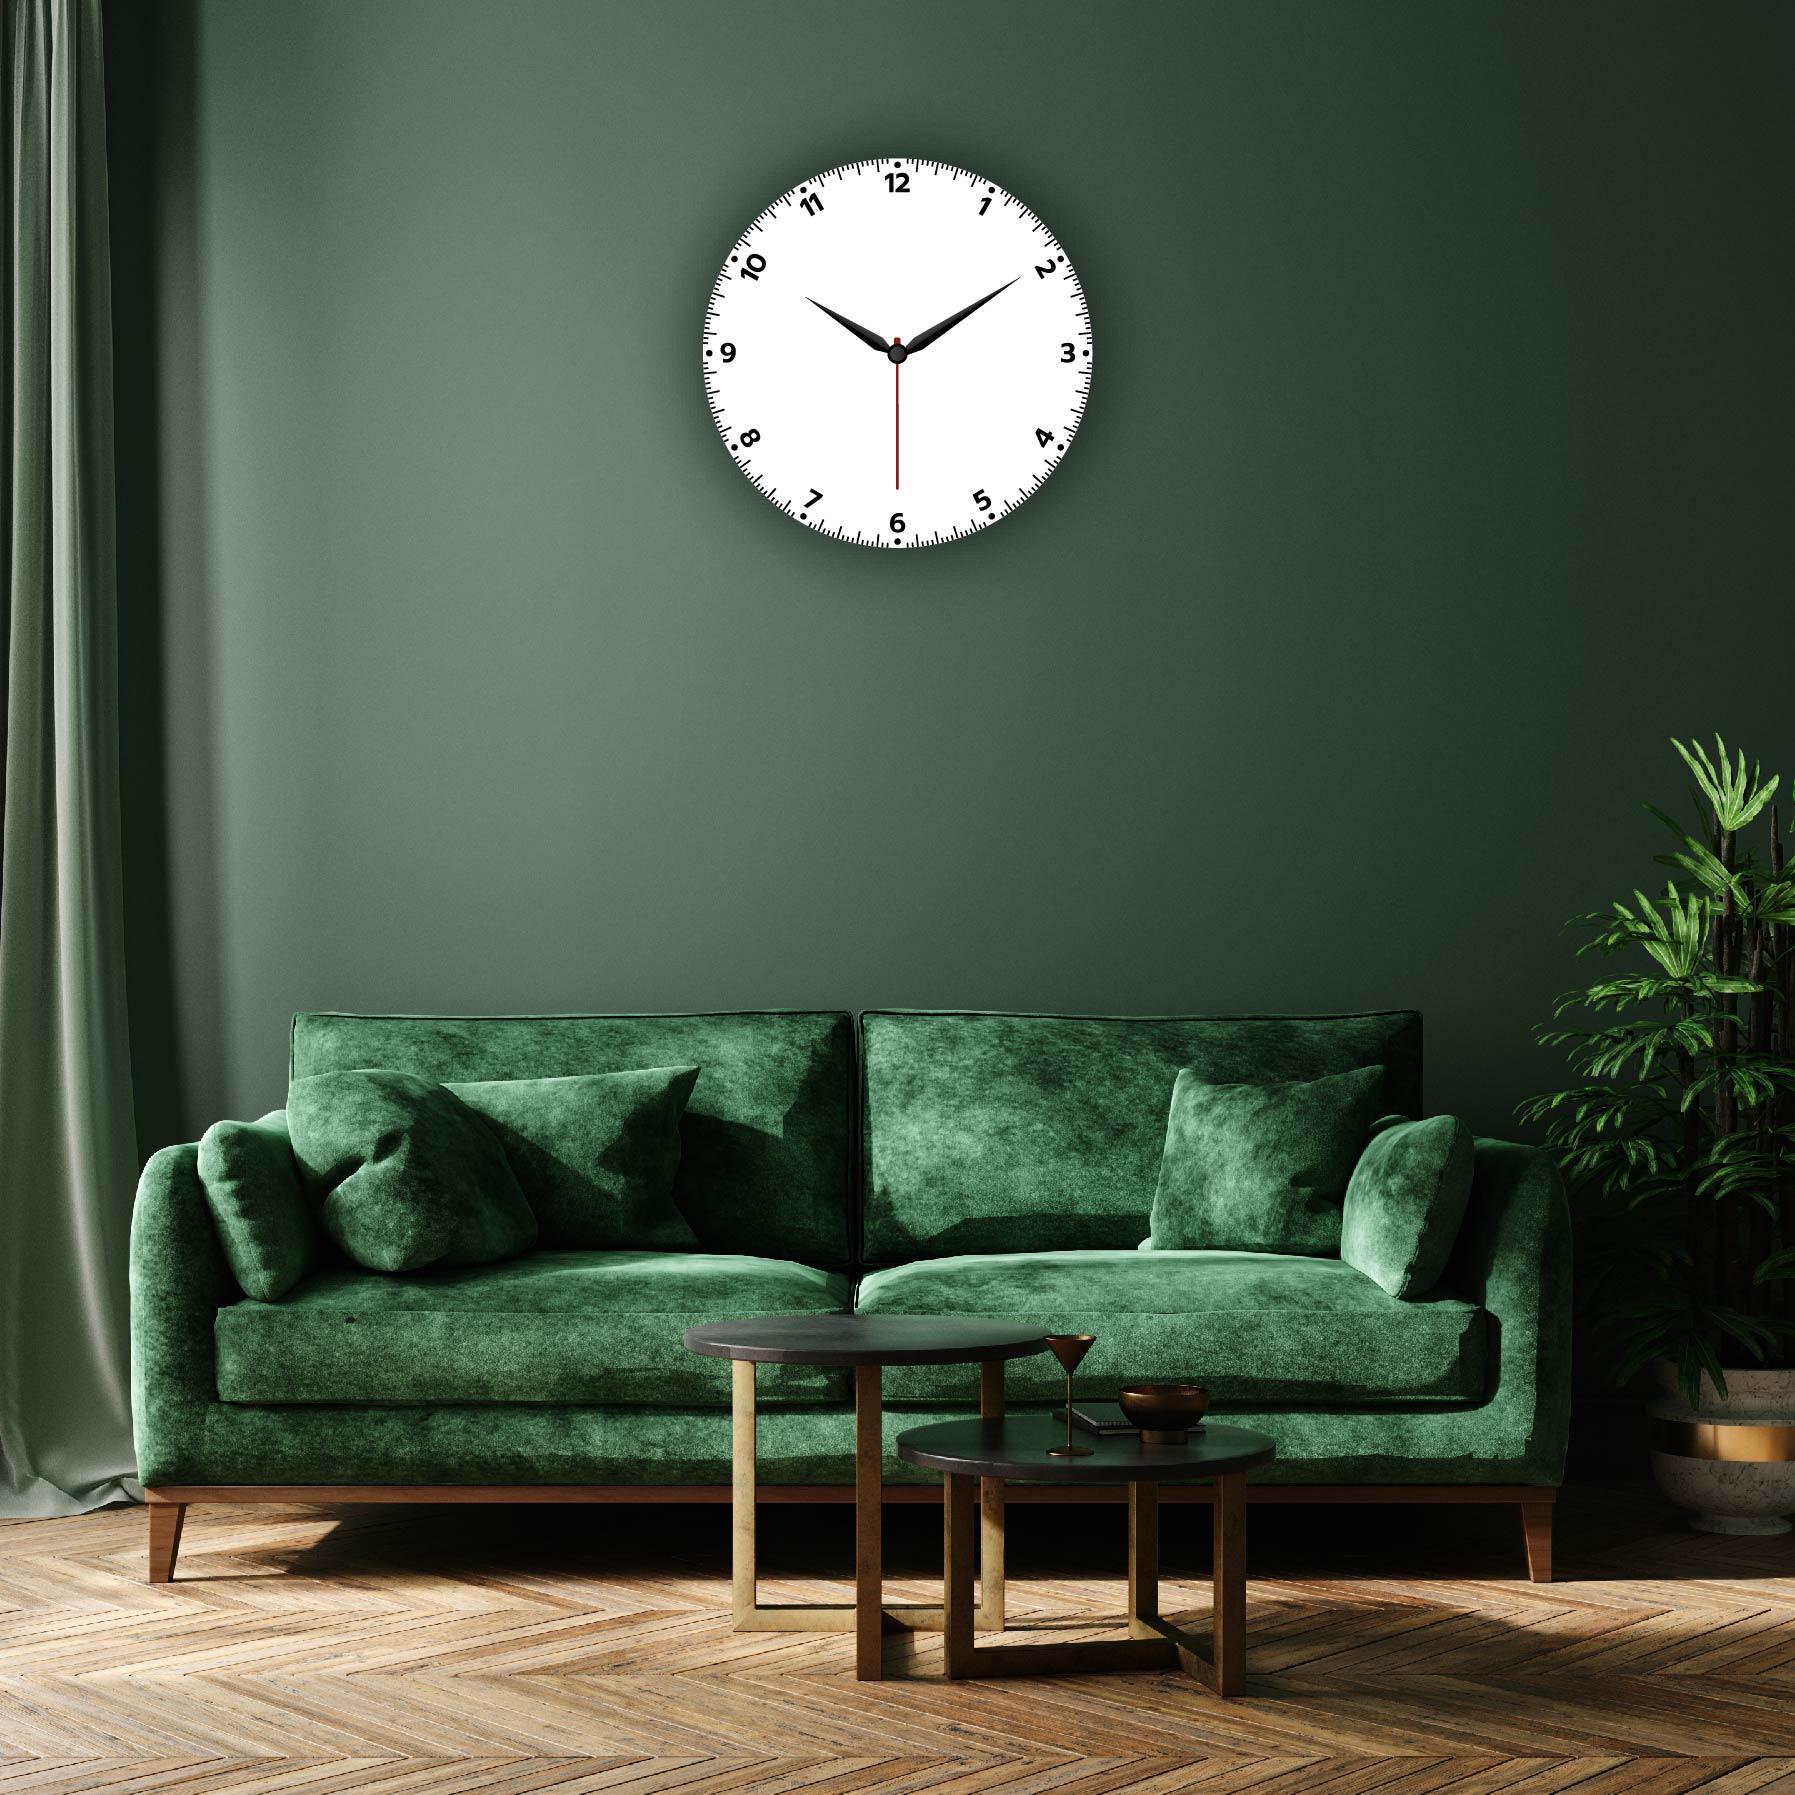 Dijital Baskılı Dekoratif Mdf Duvar Saati Model-100